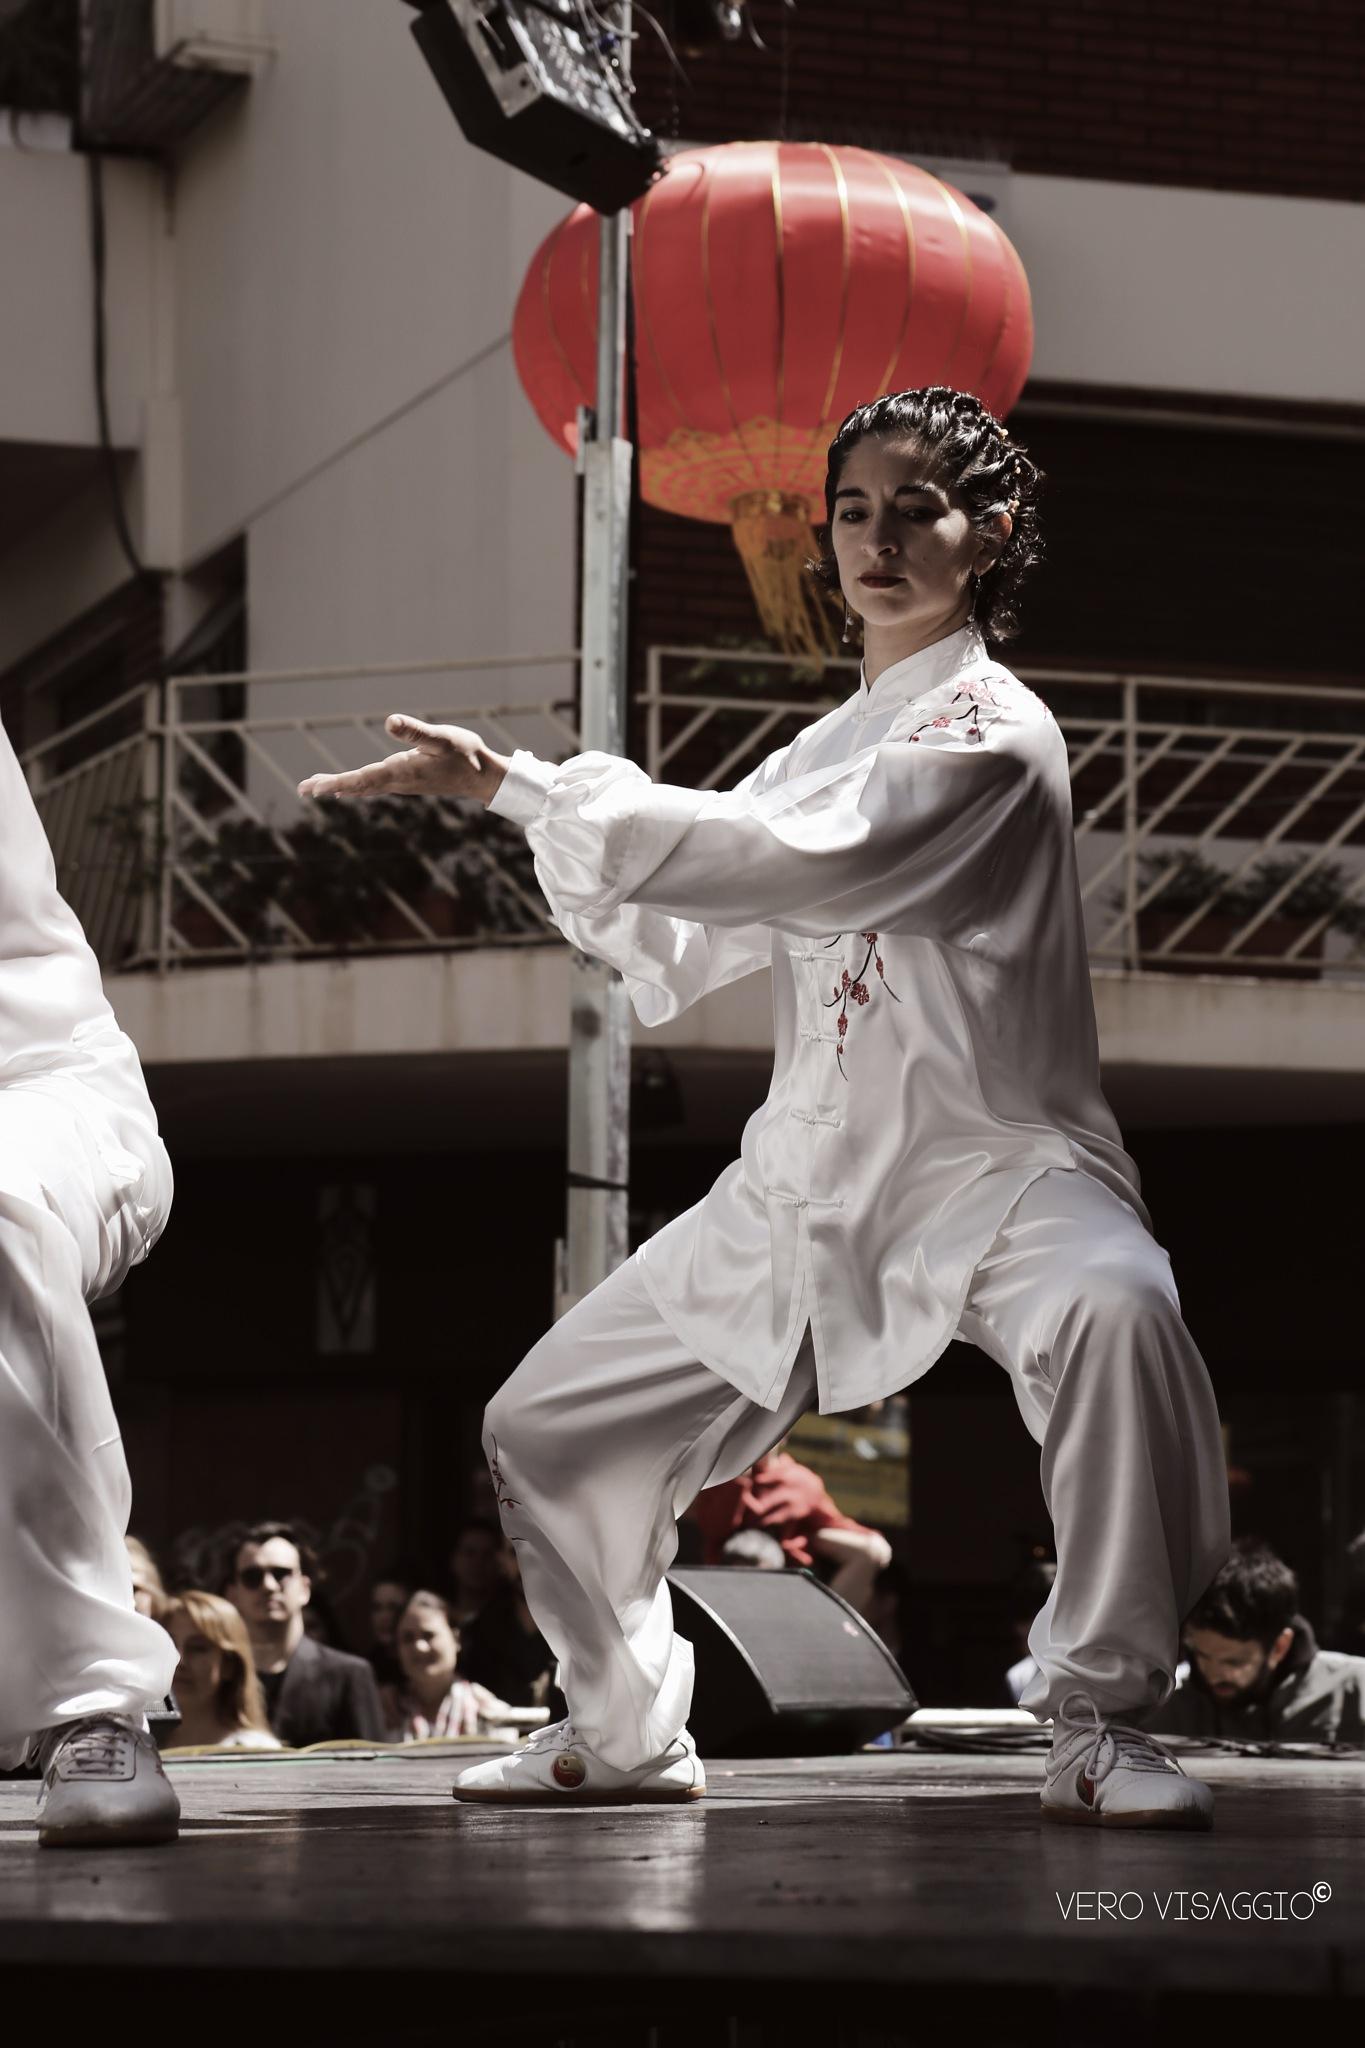 Festival de la Luna Barrio Chino by verovisaggio